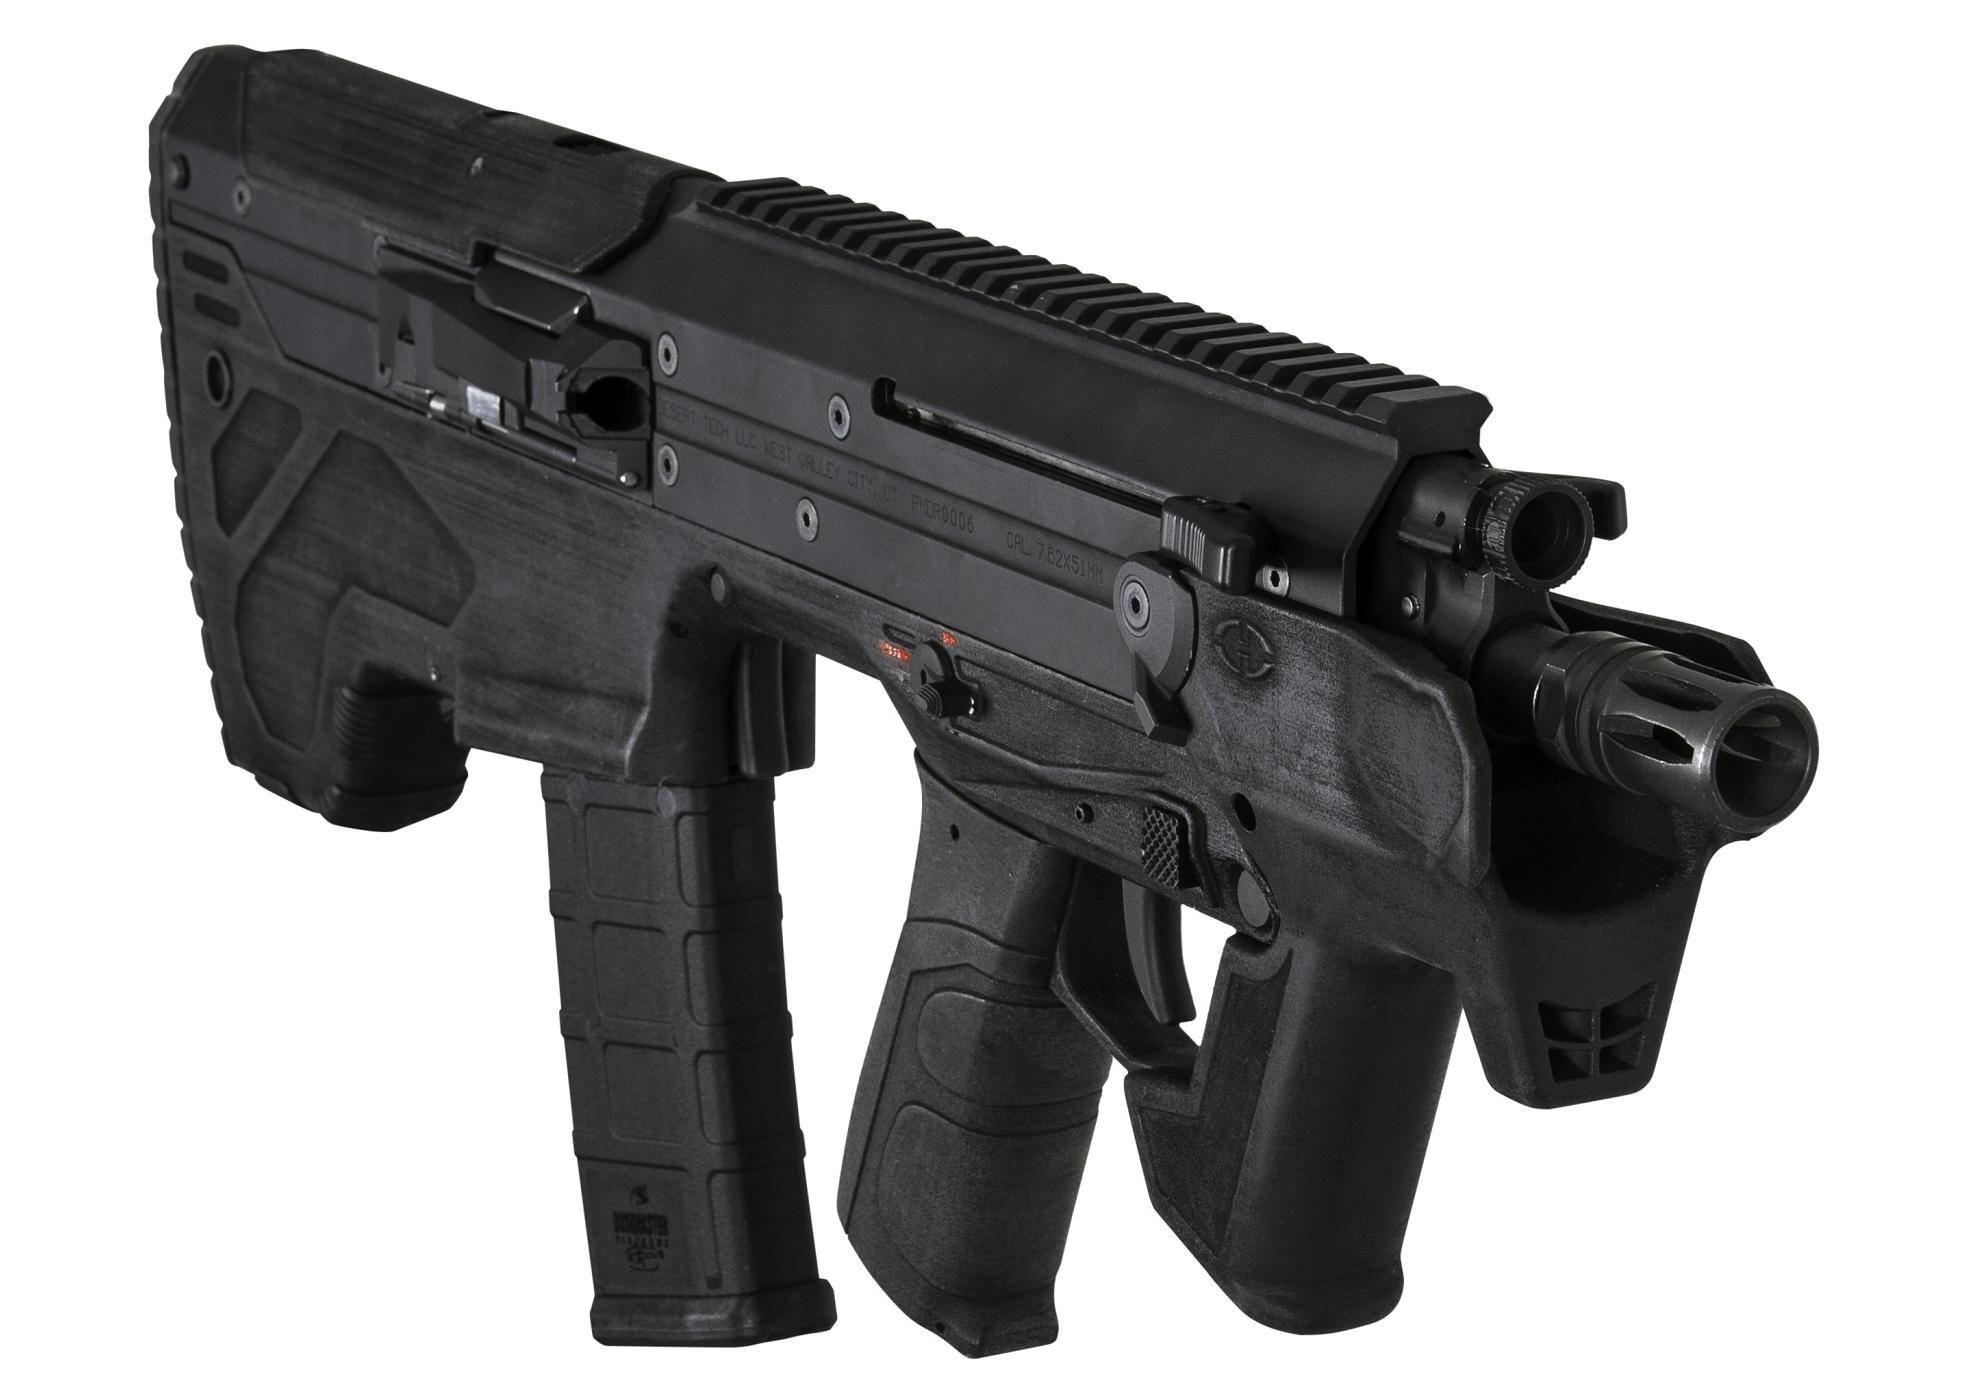 Desert Tech bullpup sniper rifle SRSA1 (Stealth Recon